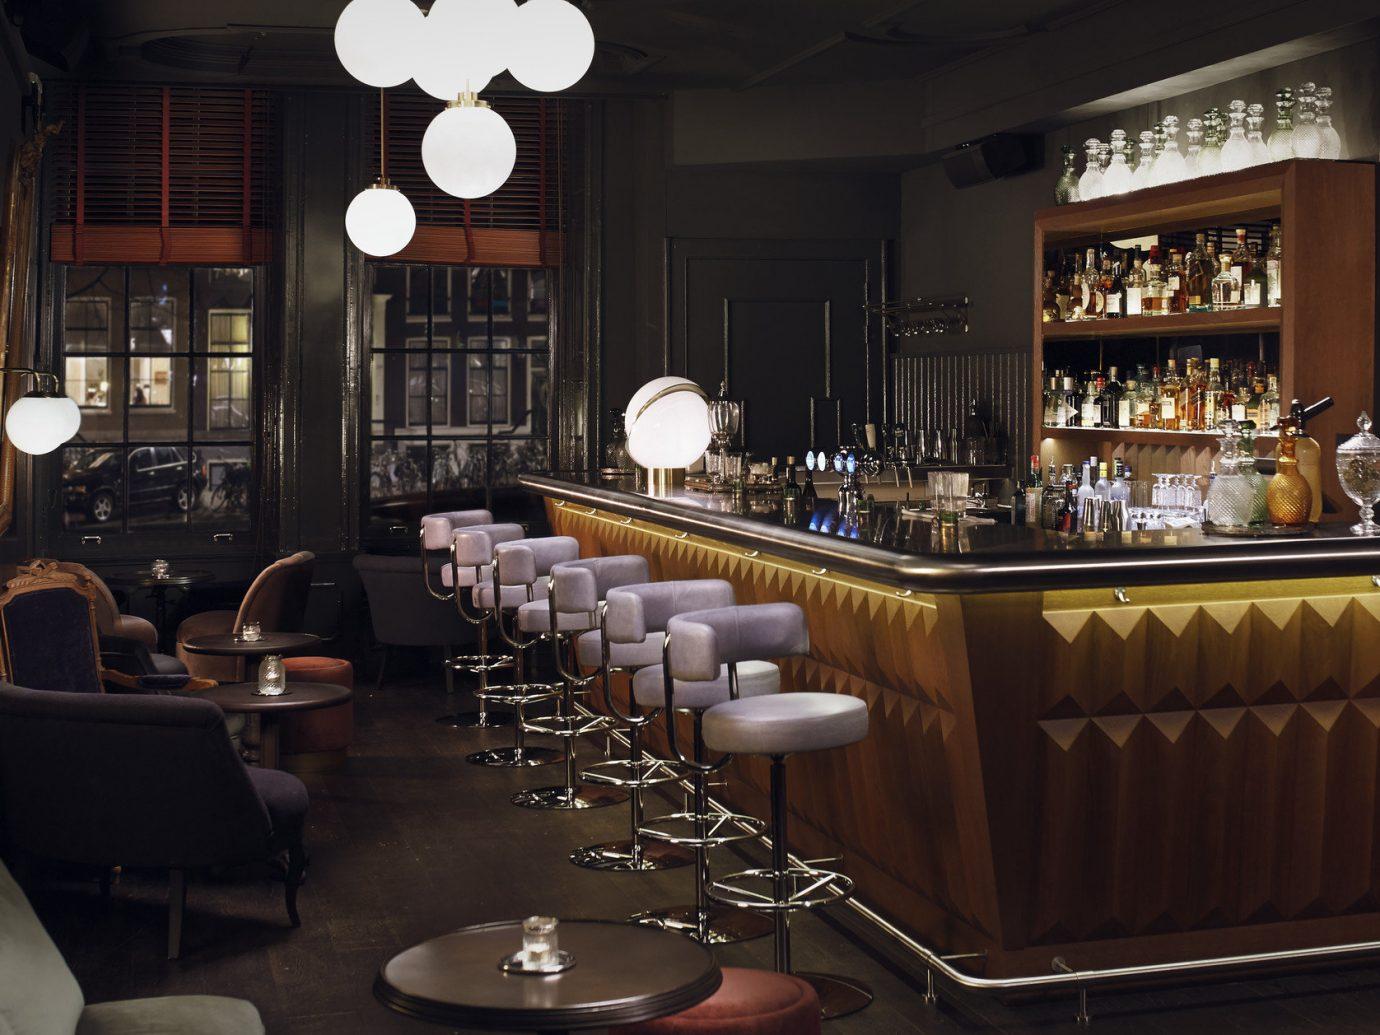 Hotel Bar at The Pulitzer, Amsterdam